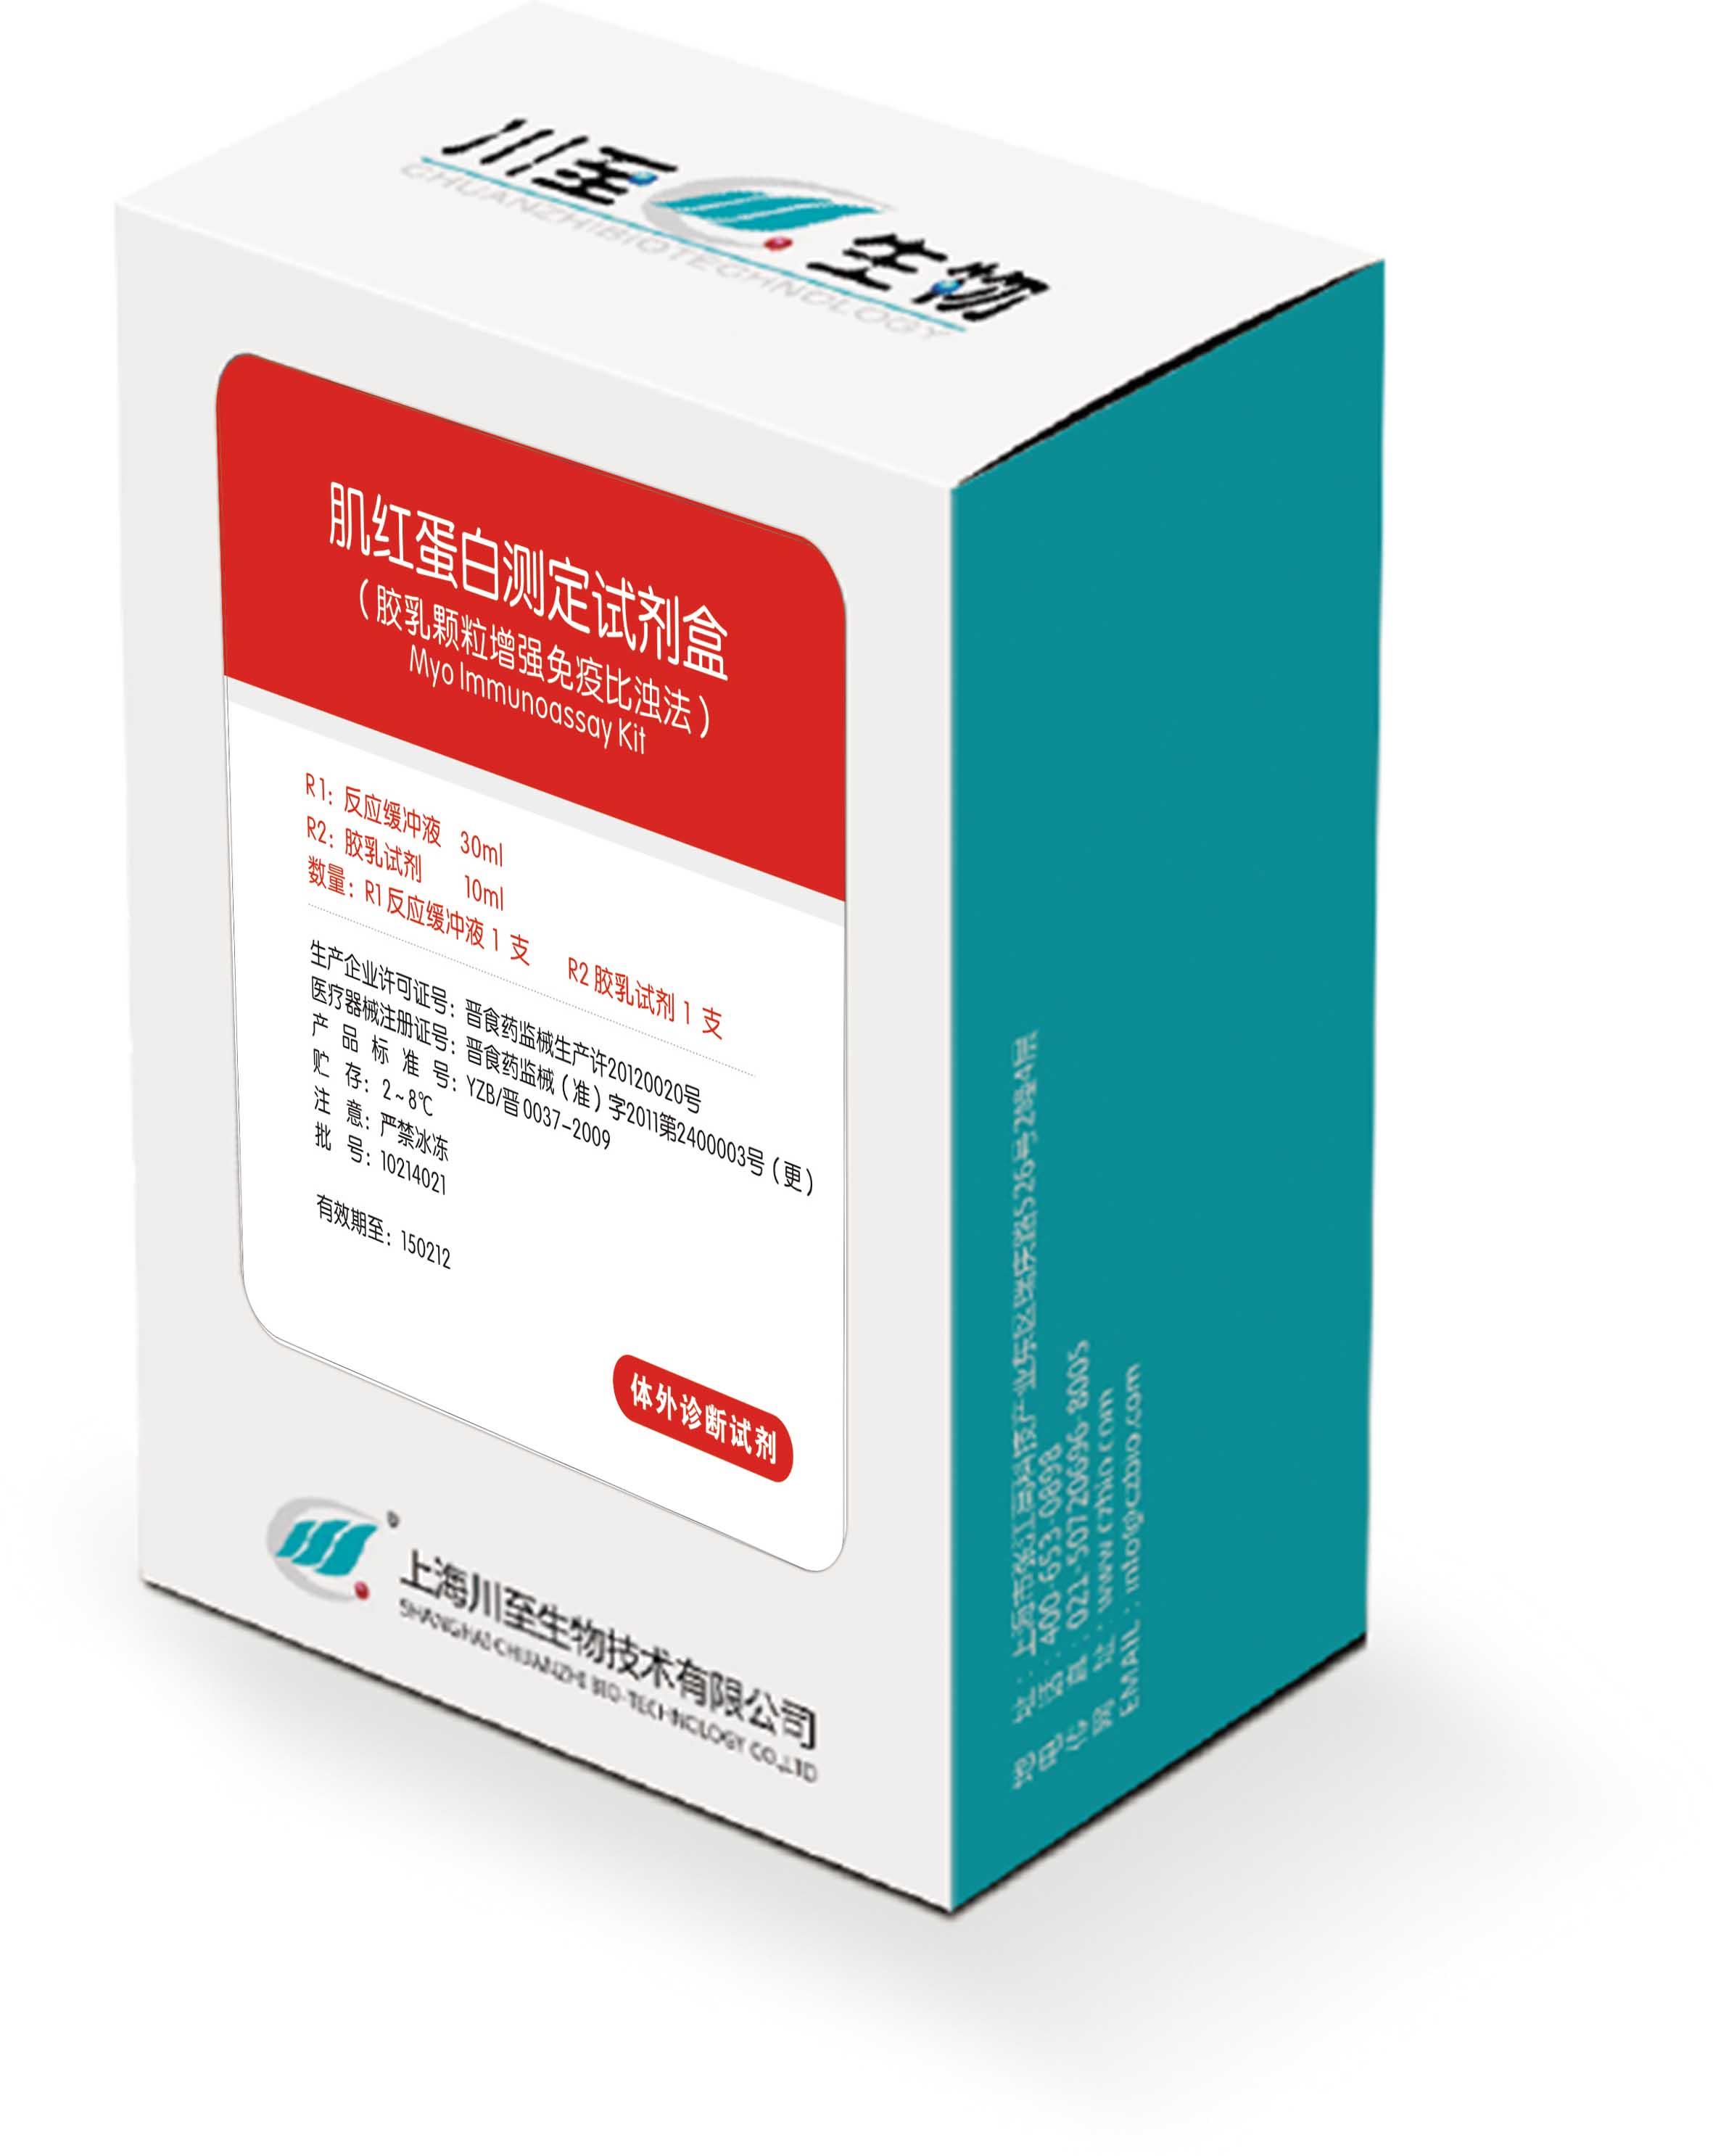 肌红蛋白测定试剂盒(Mb)